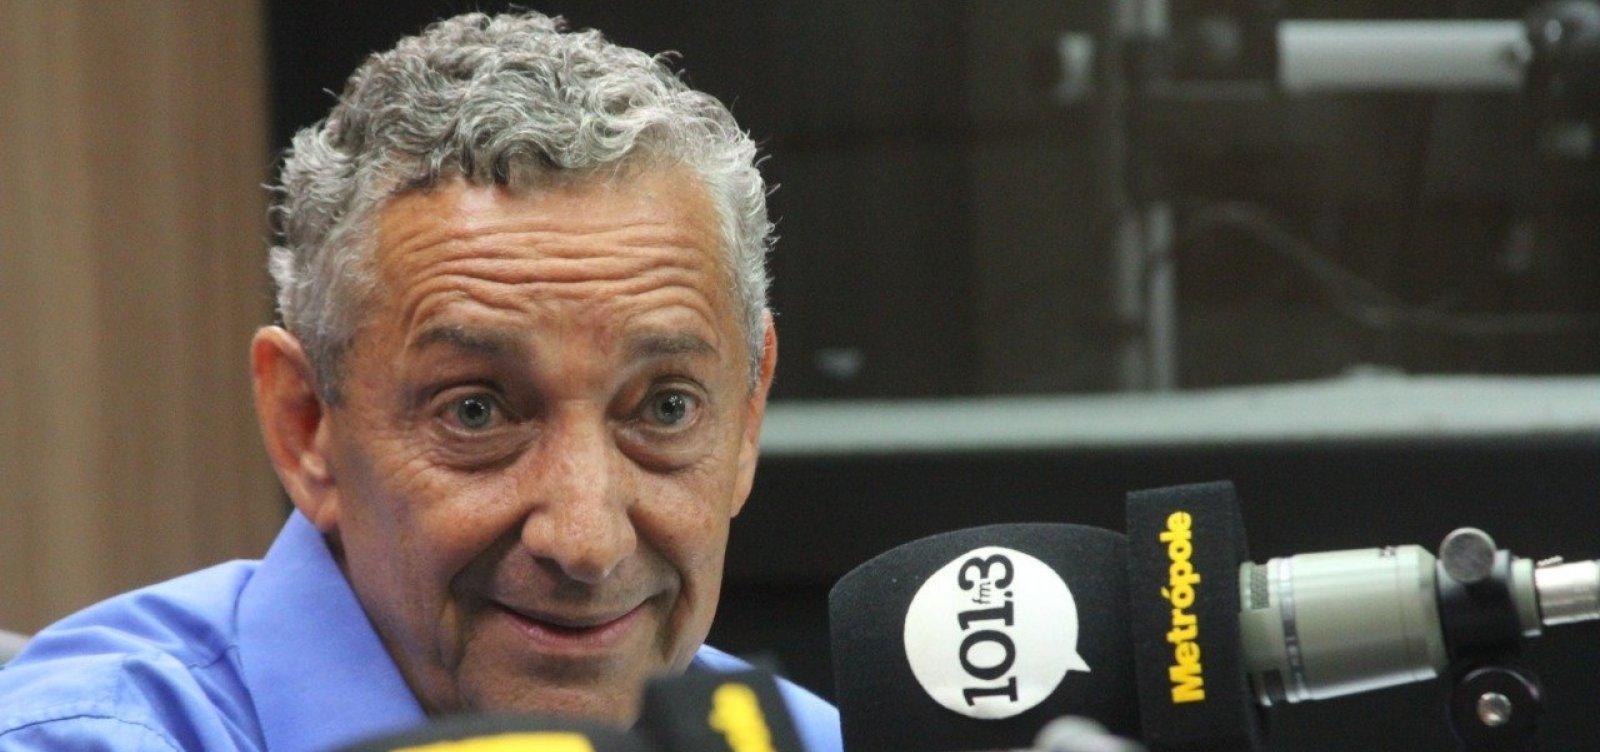 Teobaldo Costa diz não ter sido notificado sobre investigação de suposta campanha antecipada